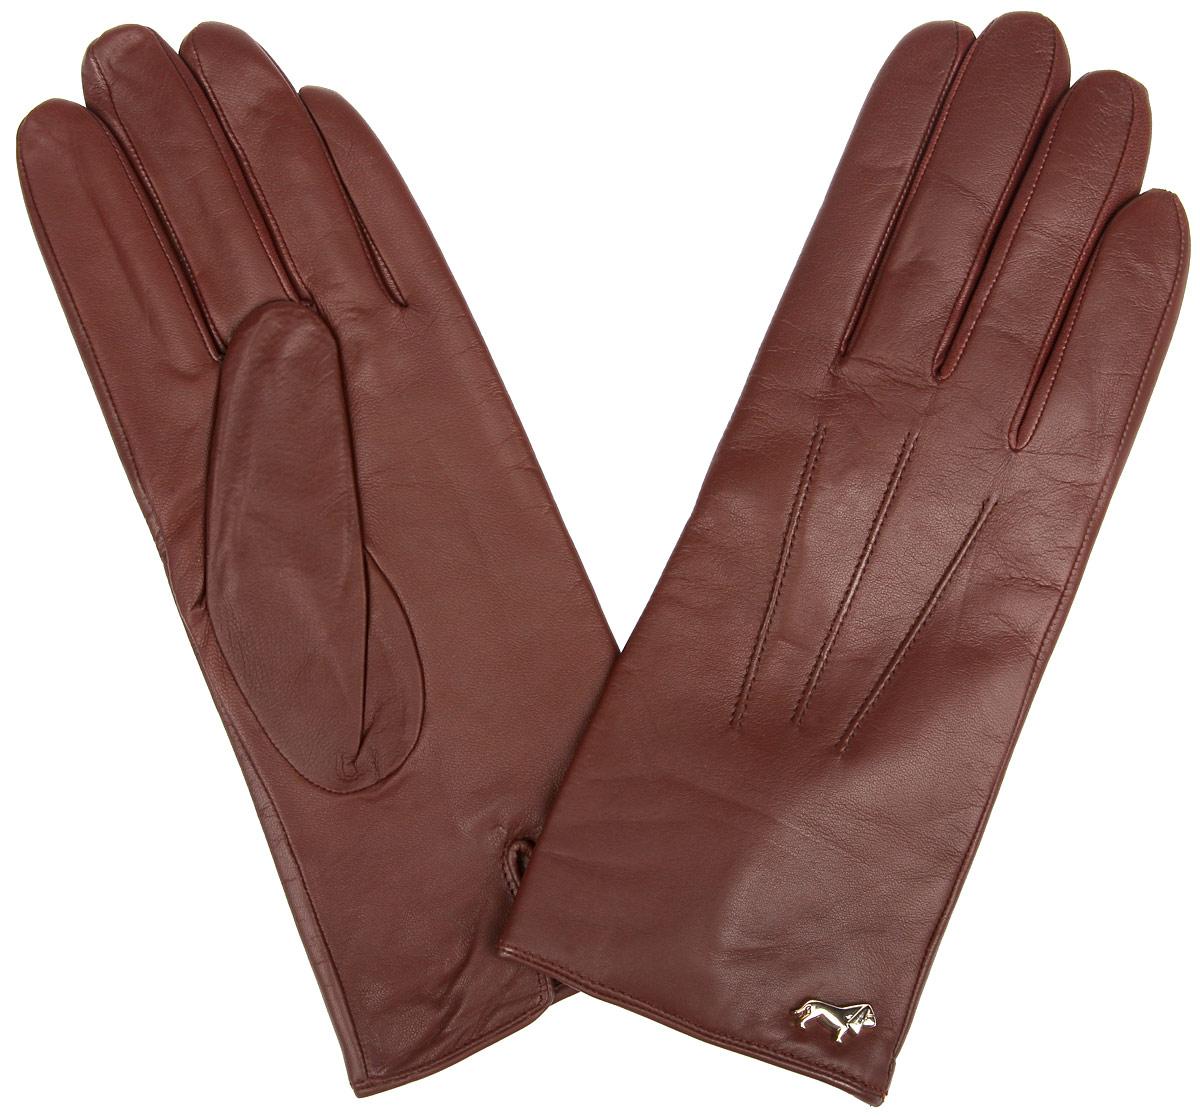 LB-4607Стильные женские перчатки Labbra не только защитят ваши руки от холода, но и станут великолепным украшением. Перчатки выполнены из из натуральной кожи ягненка с подкладкой из шерсти и акрила. Модель оформлена машинной строчкой три луча и фирменным декоративным элементом в виде собачки. В настоящее время перчатки являются неотъемлемой частью одежды, вместе с этим аксессуаром вы обретаете женственность и элегантность. Перчатки станут завершающим и подчеркивающим элементом вашего стиля и неповторимости.